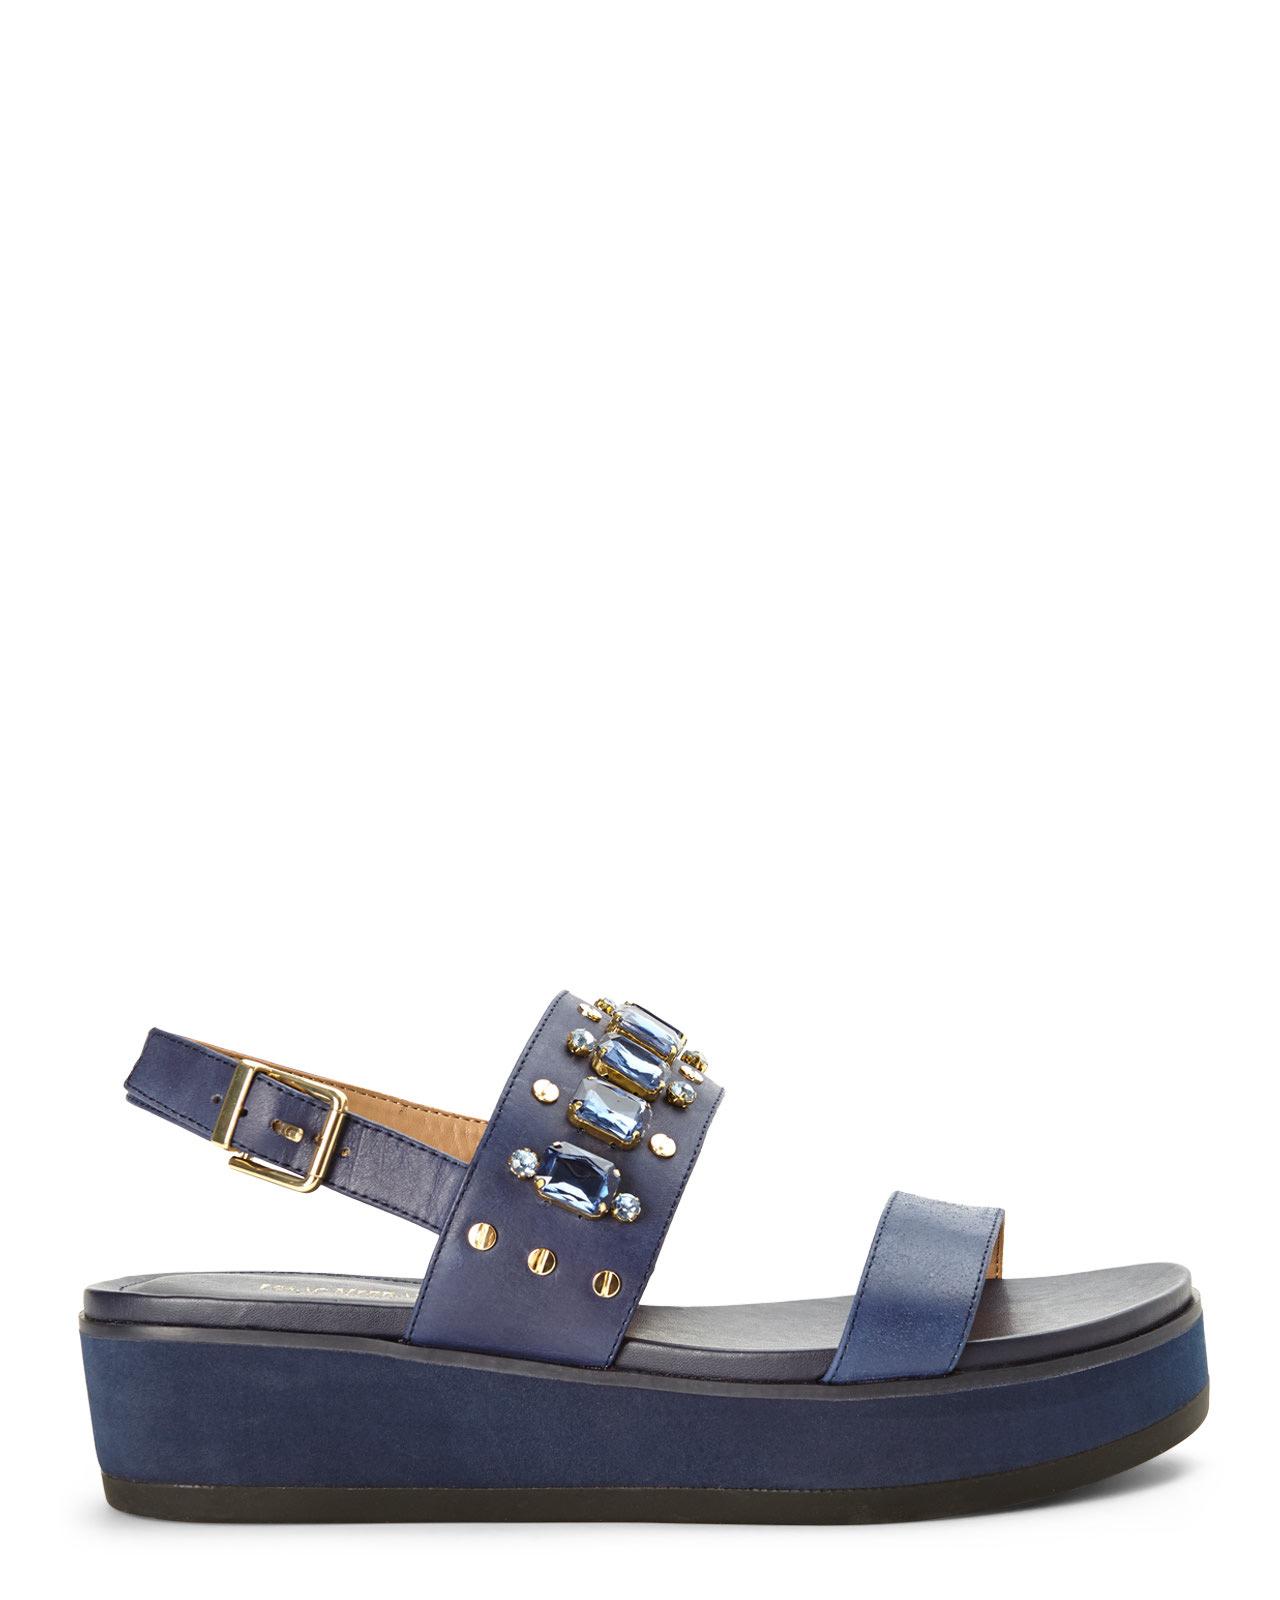 ba8dd9be93a308 Lyst - Isaac Mizrahi New York Navy Bling Slingback Platform Sandals ...